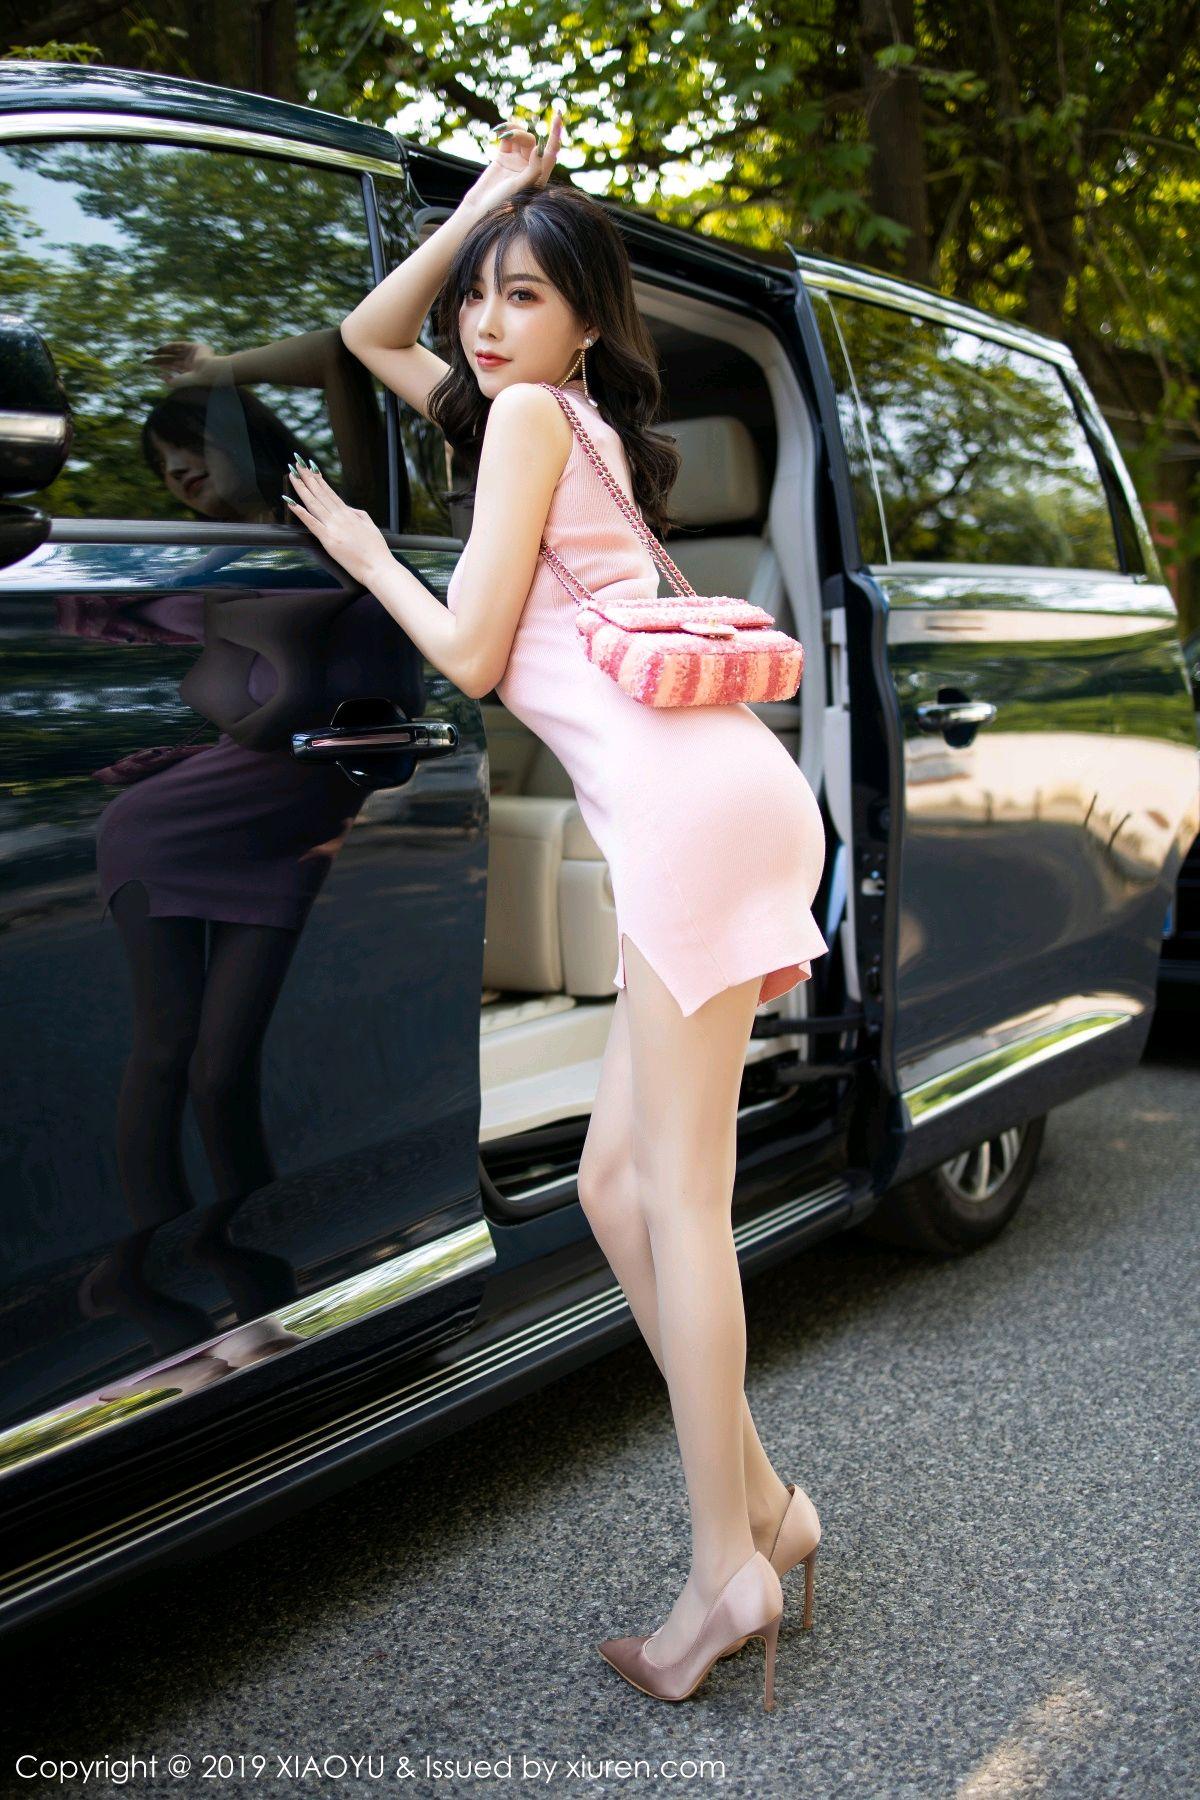 [XIAOYU] Vol.178 Yang Chen Chen 9P, Outdoor, Tall, XiaoYu, Yang Chen Chen